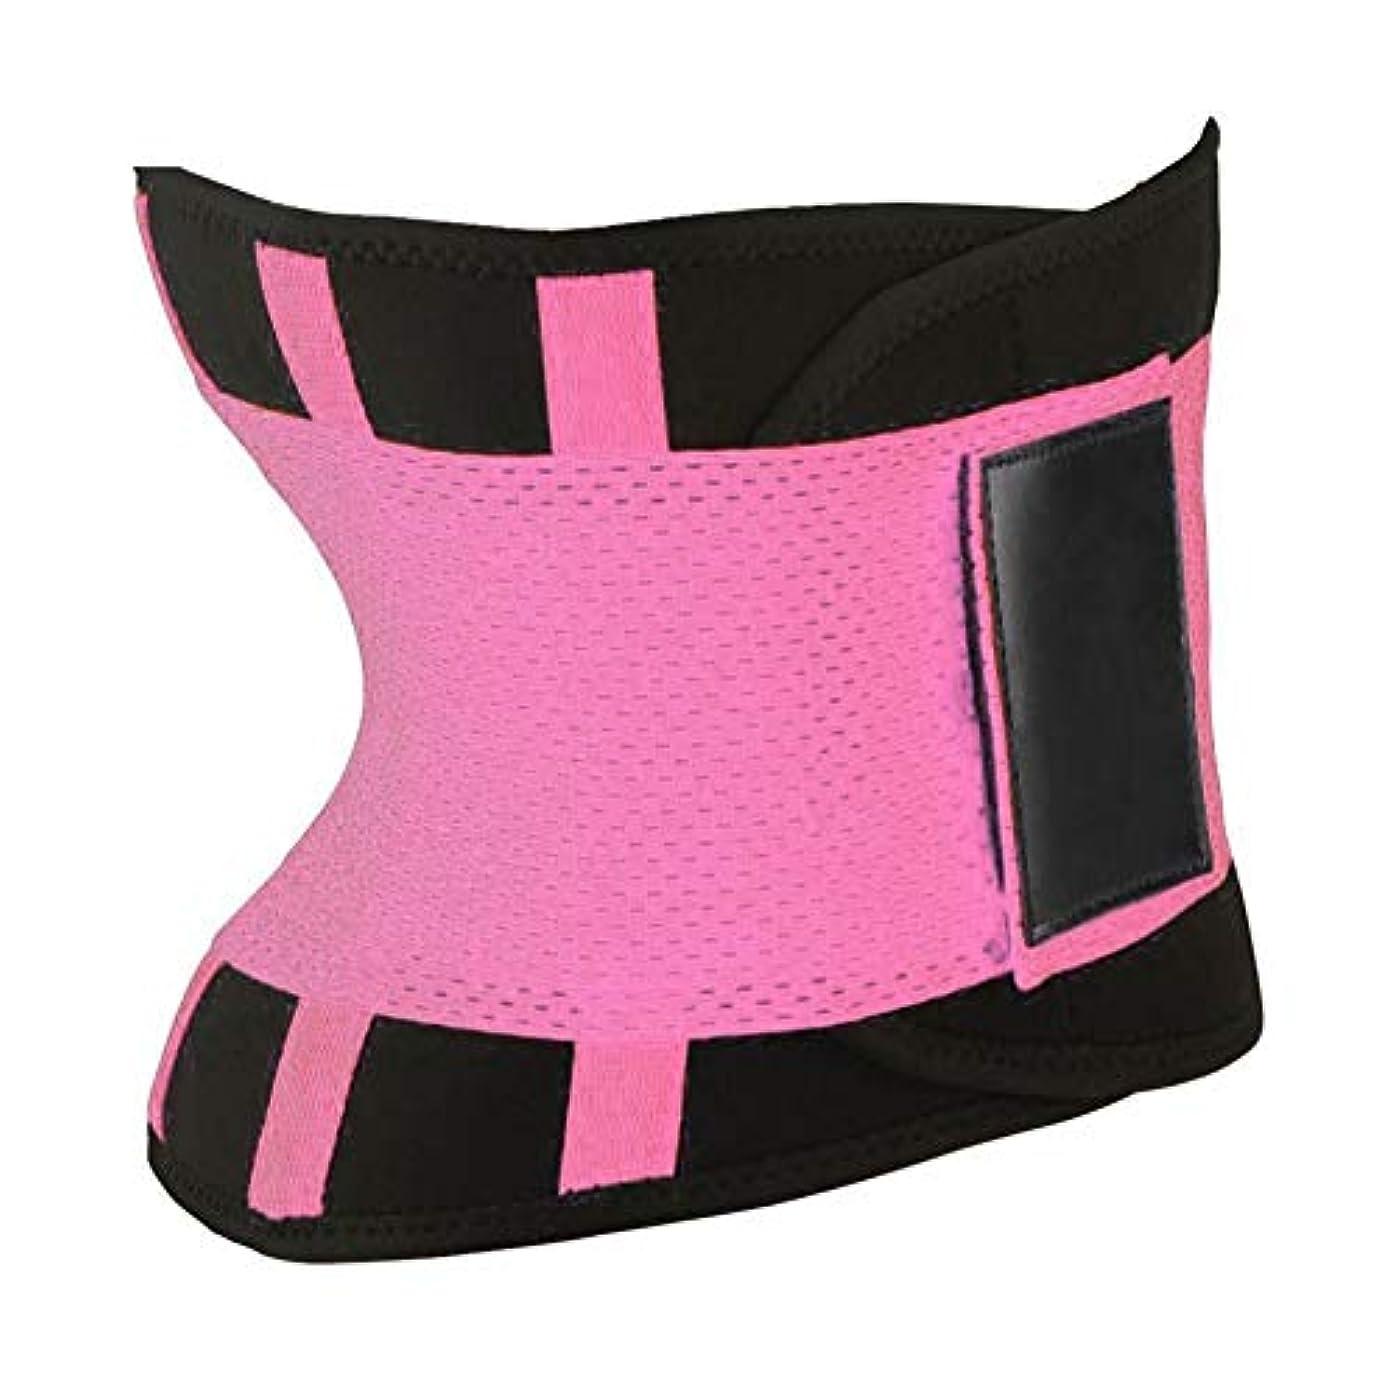 脊椎キャプテンブライあえて快適な女性ボディシェイパー痩身シェイパーベルトスポーツ女性ウエストトレーナーニッパー制御バーニングボディおなかベルト - ピンク2xl